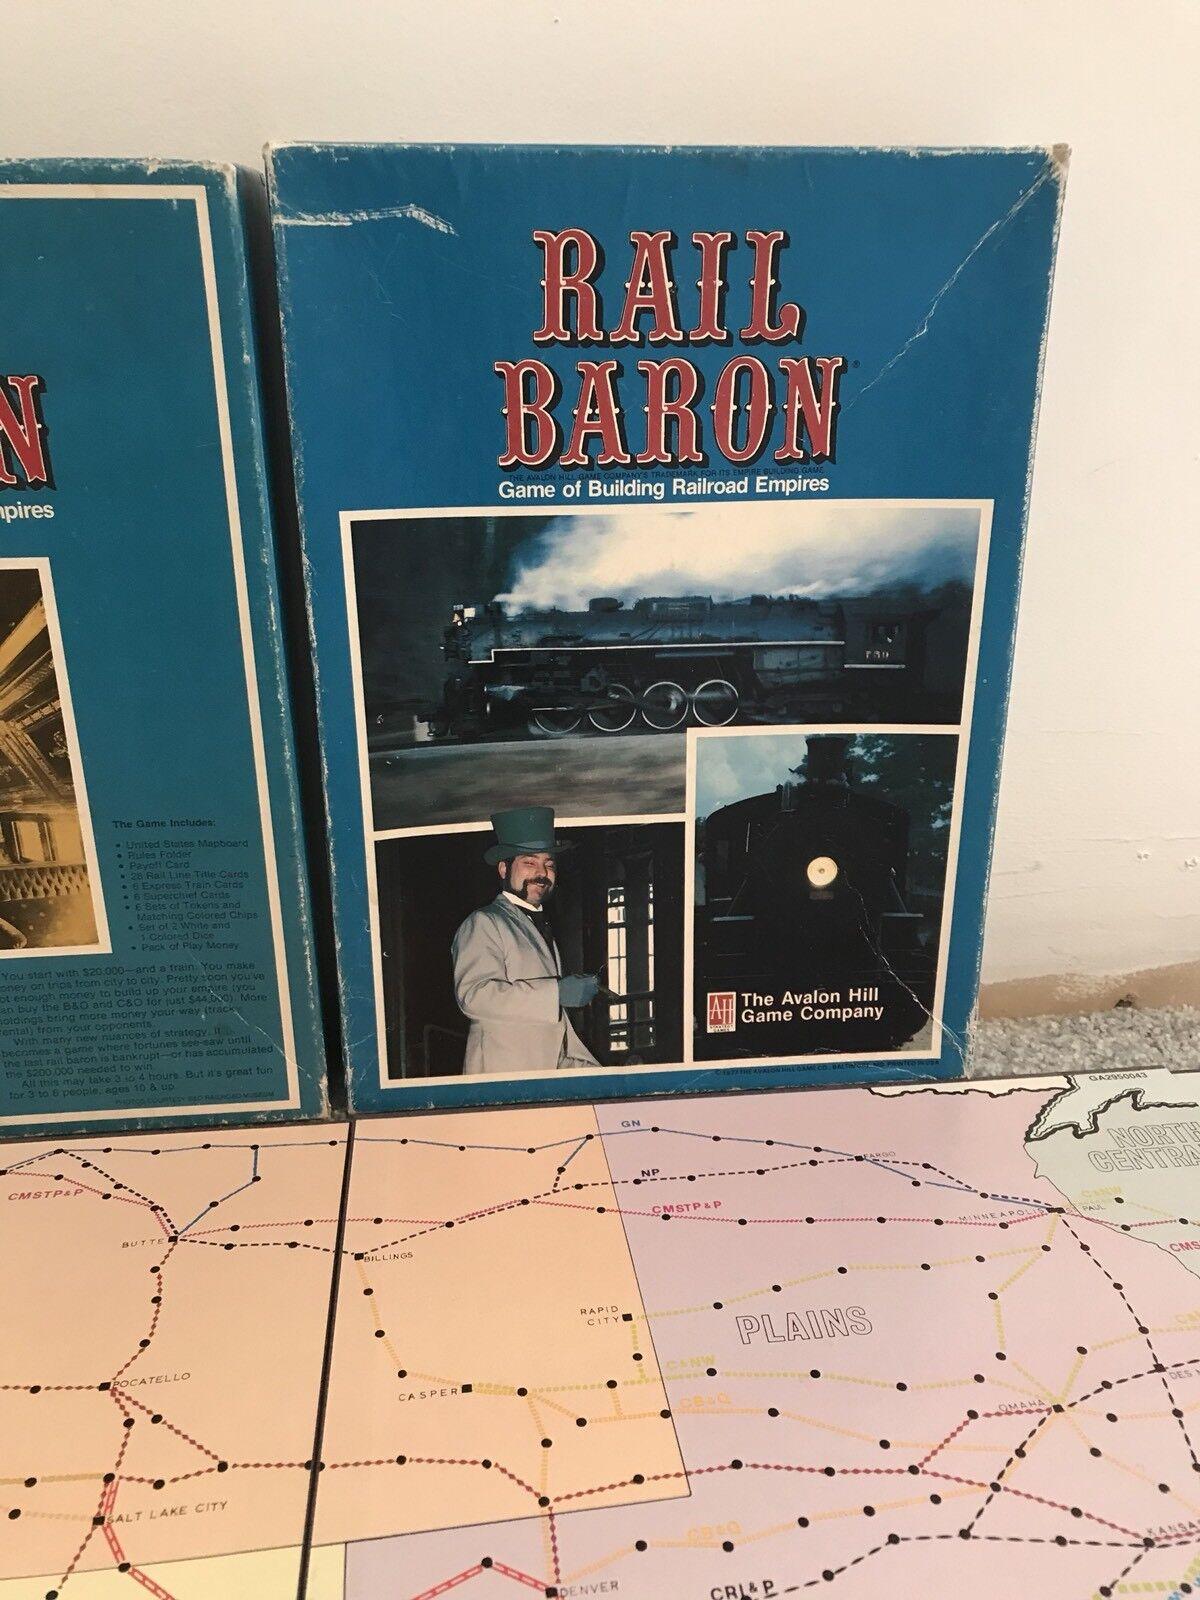 Vintage Rail  Baron tavola gioco Avalon Hill completare Railstrada gioco  risparmiare fino all'80%